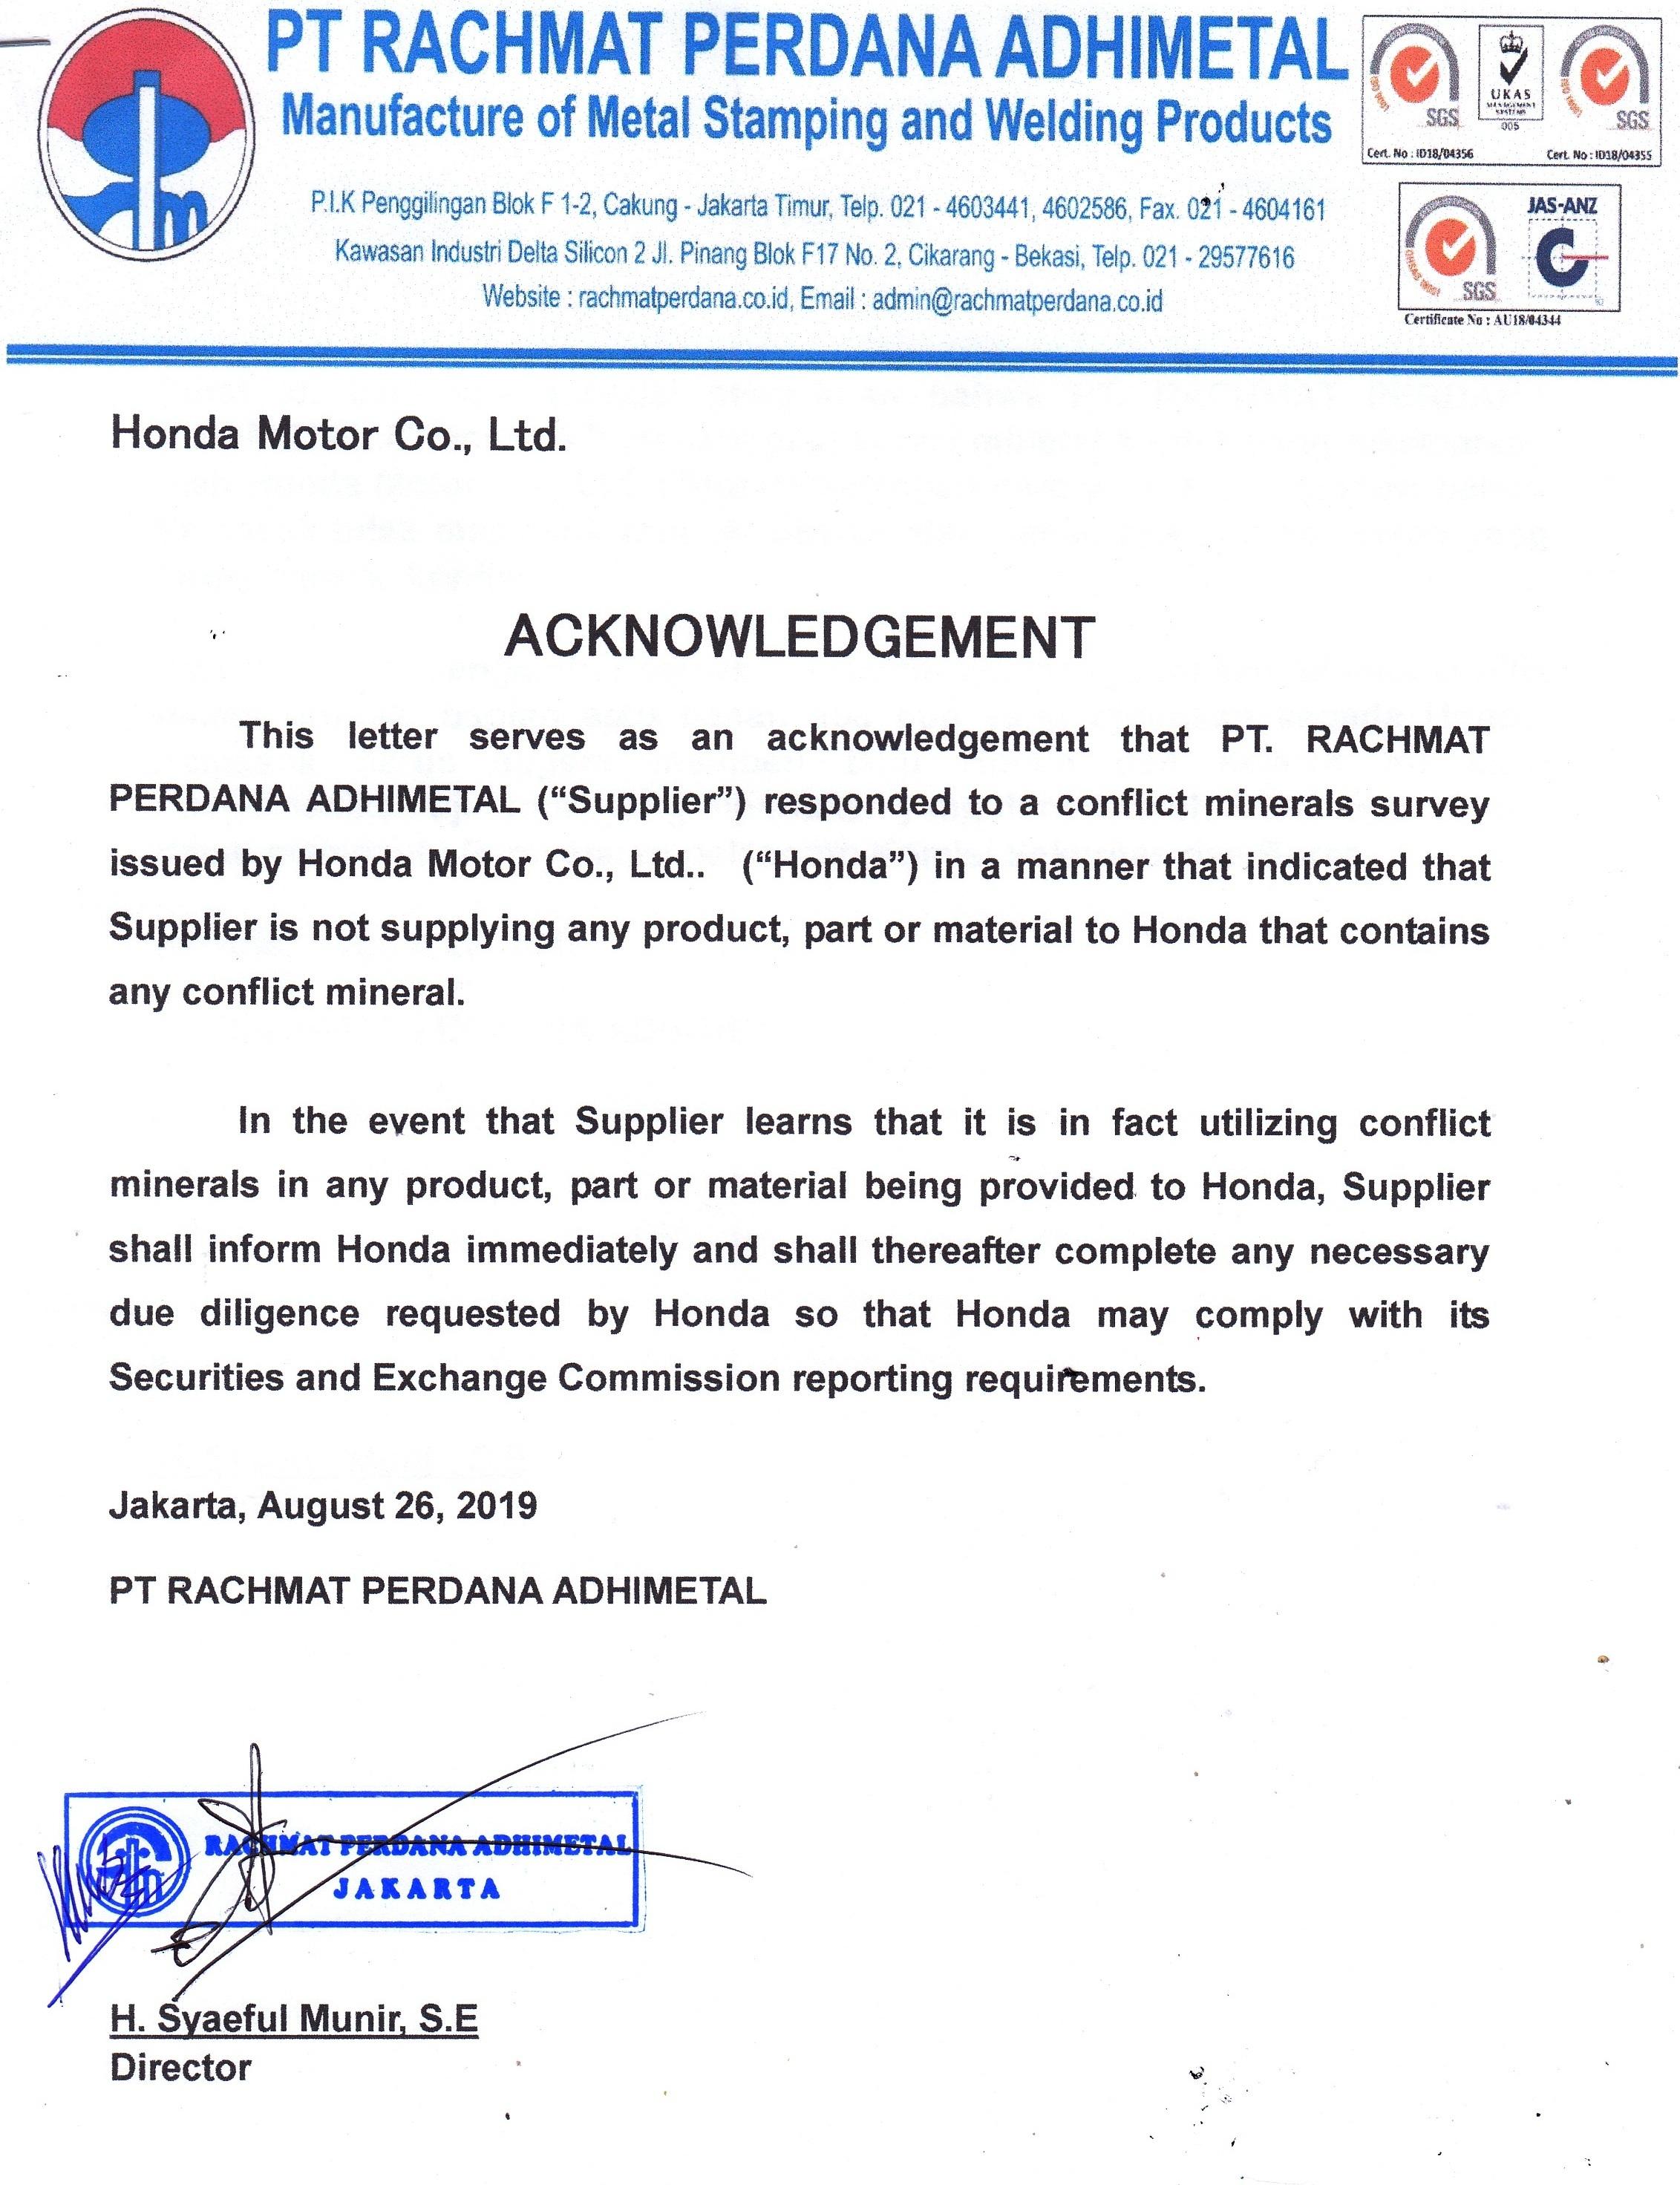 Acknowledgement Honda Motor